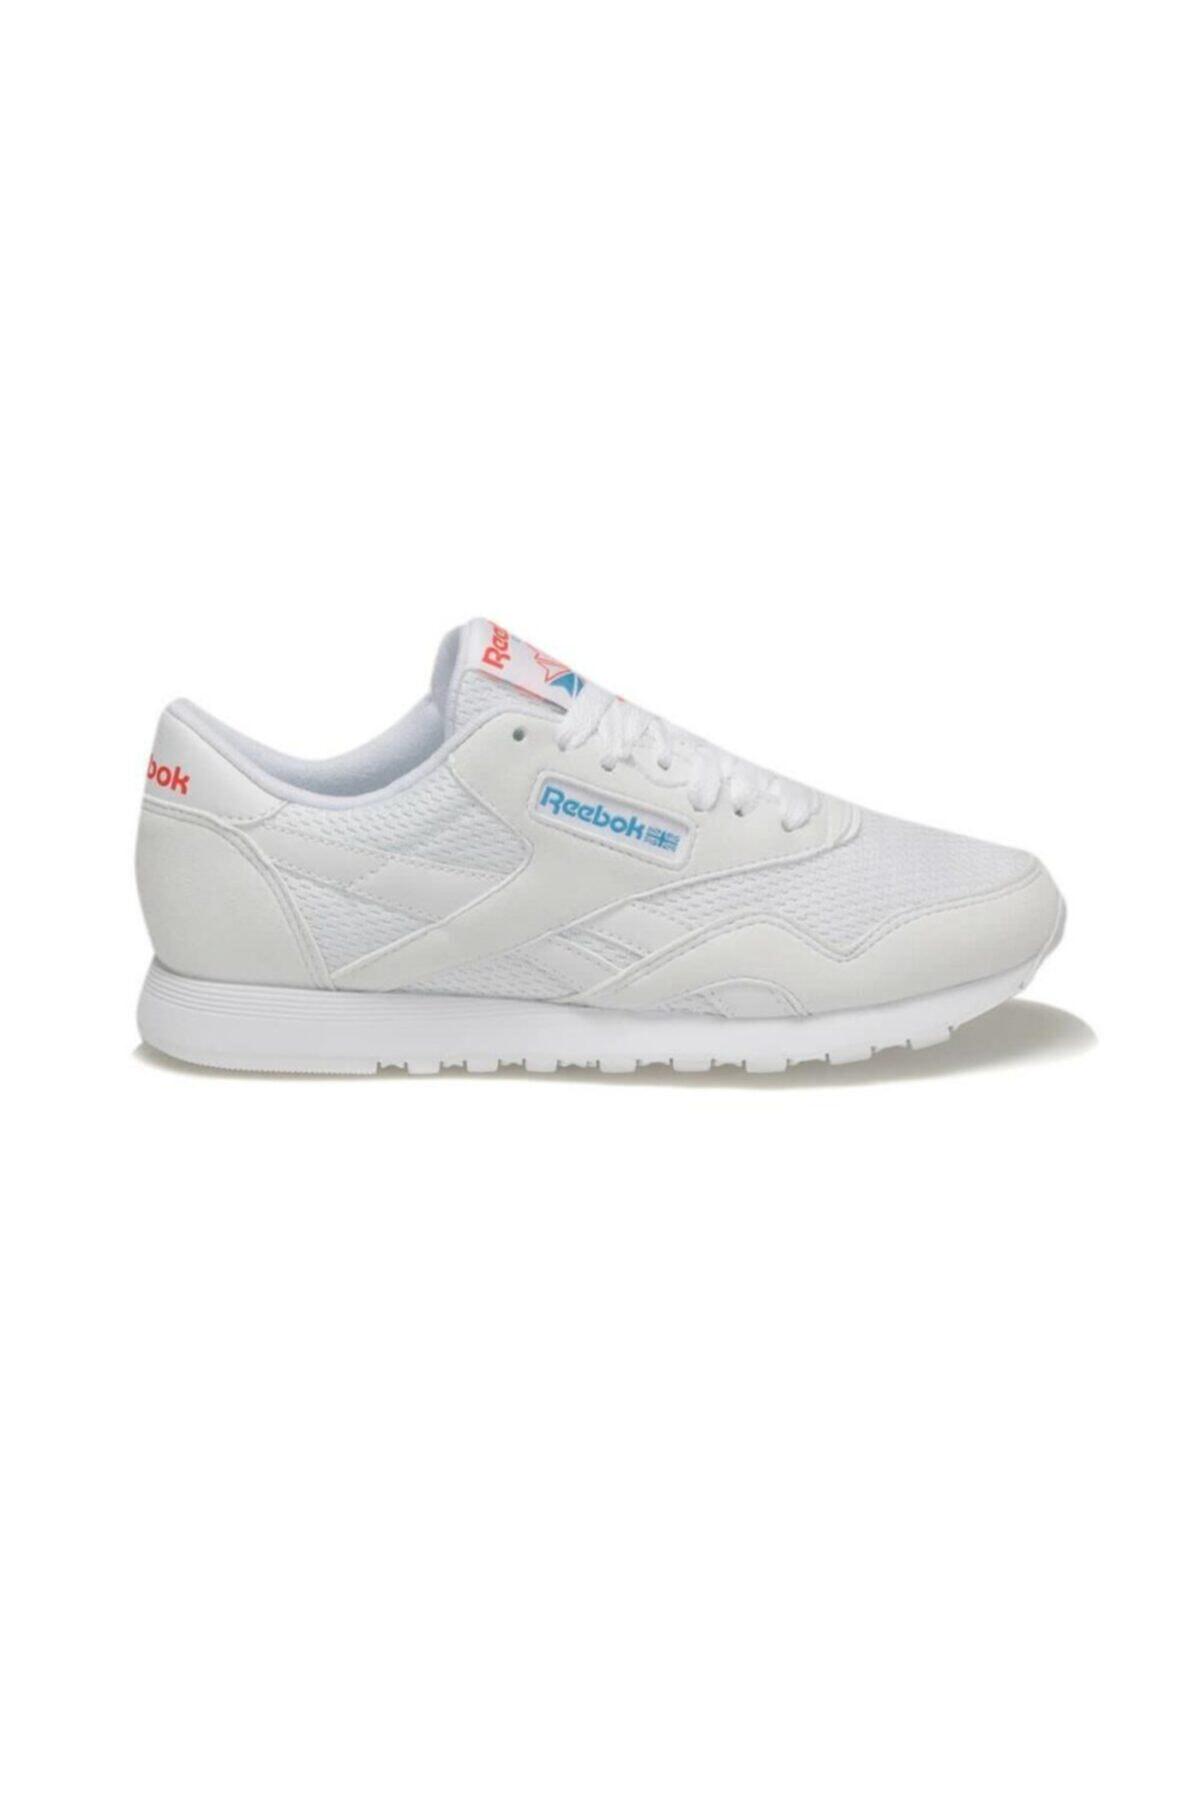 Reebok CL NYLON TXT Beyaz Kadın Koşu Ayakkabısı 100413236 1